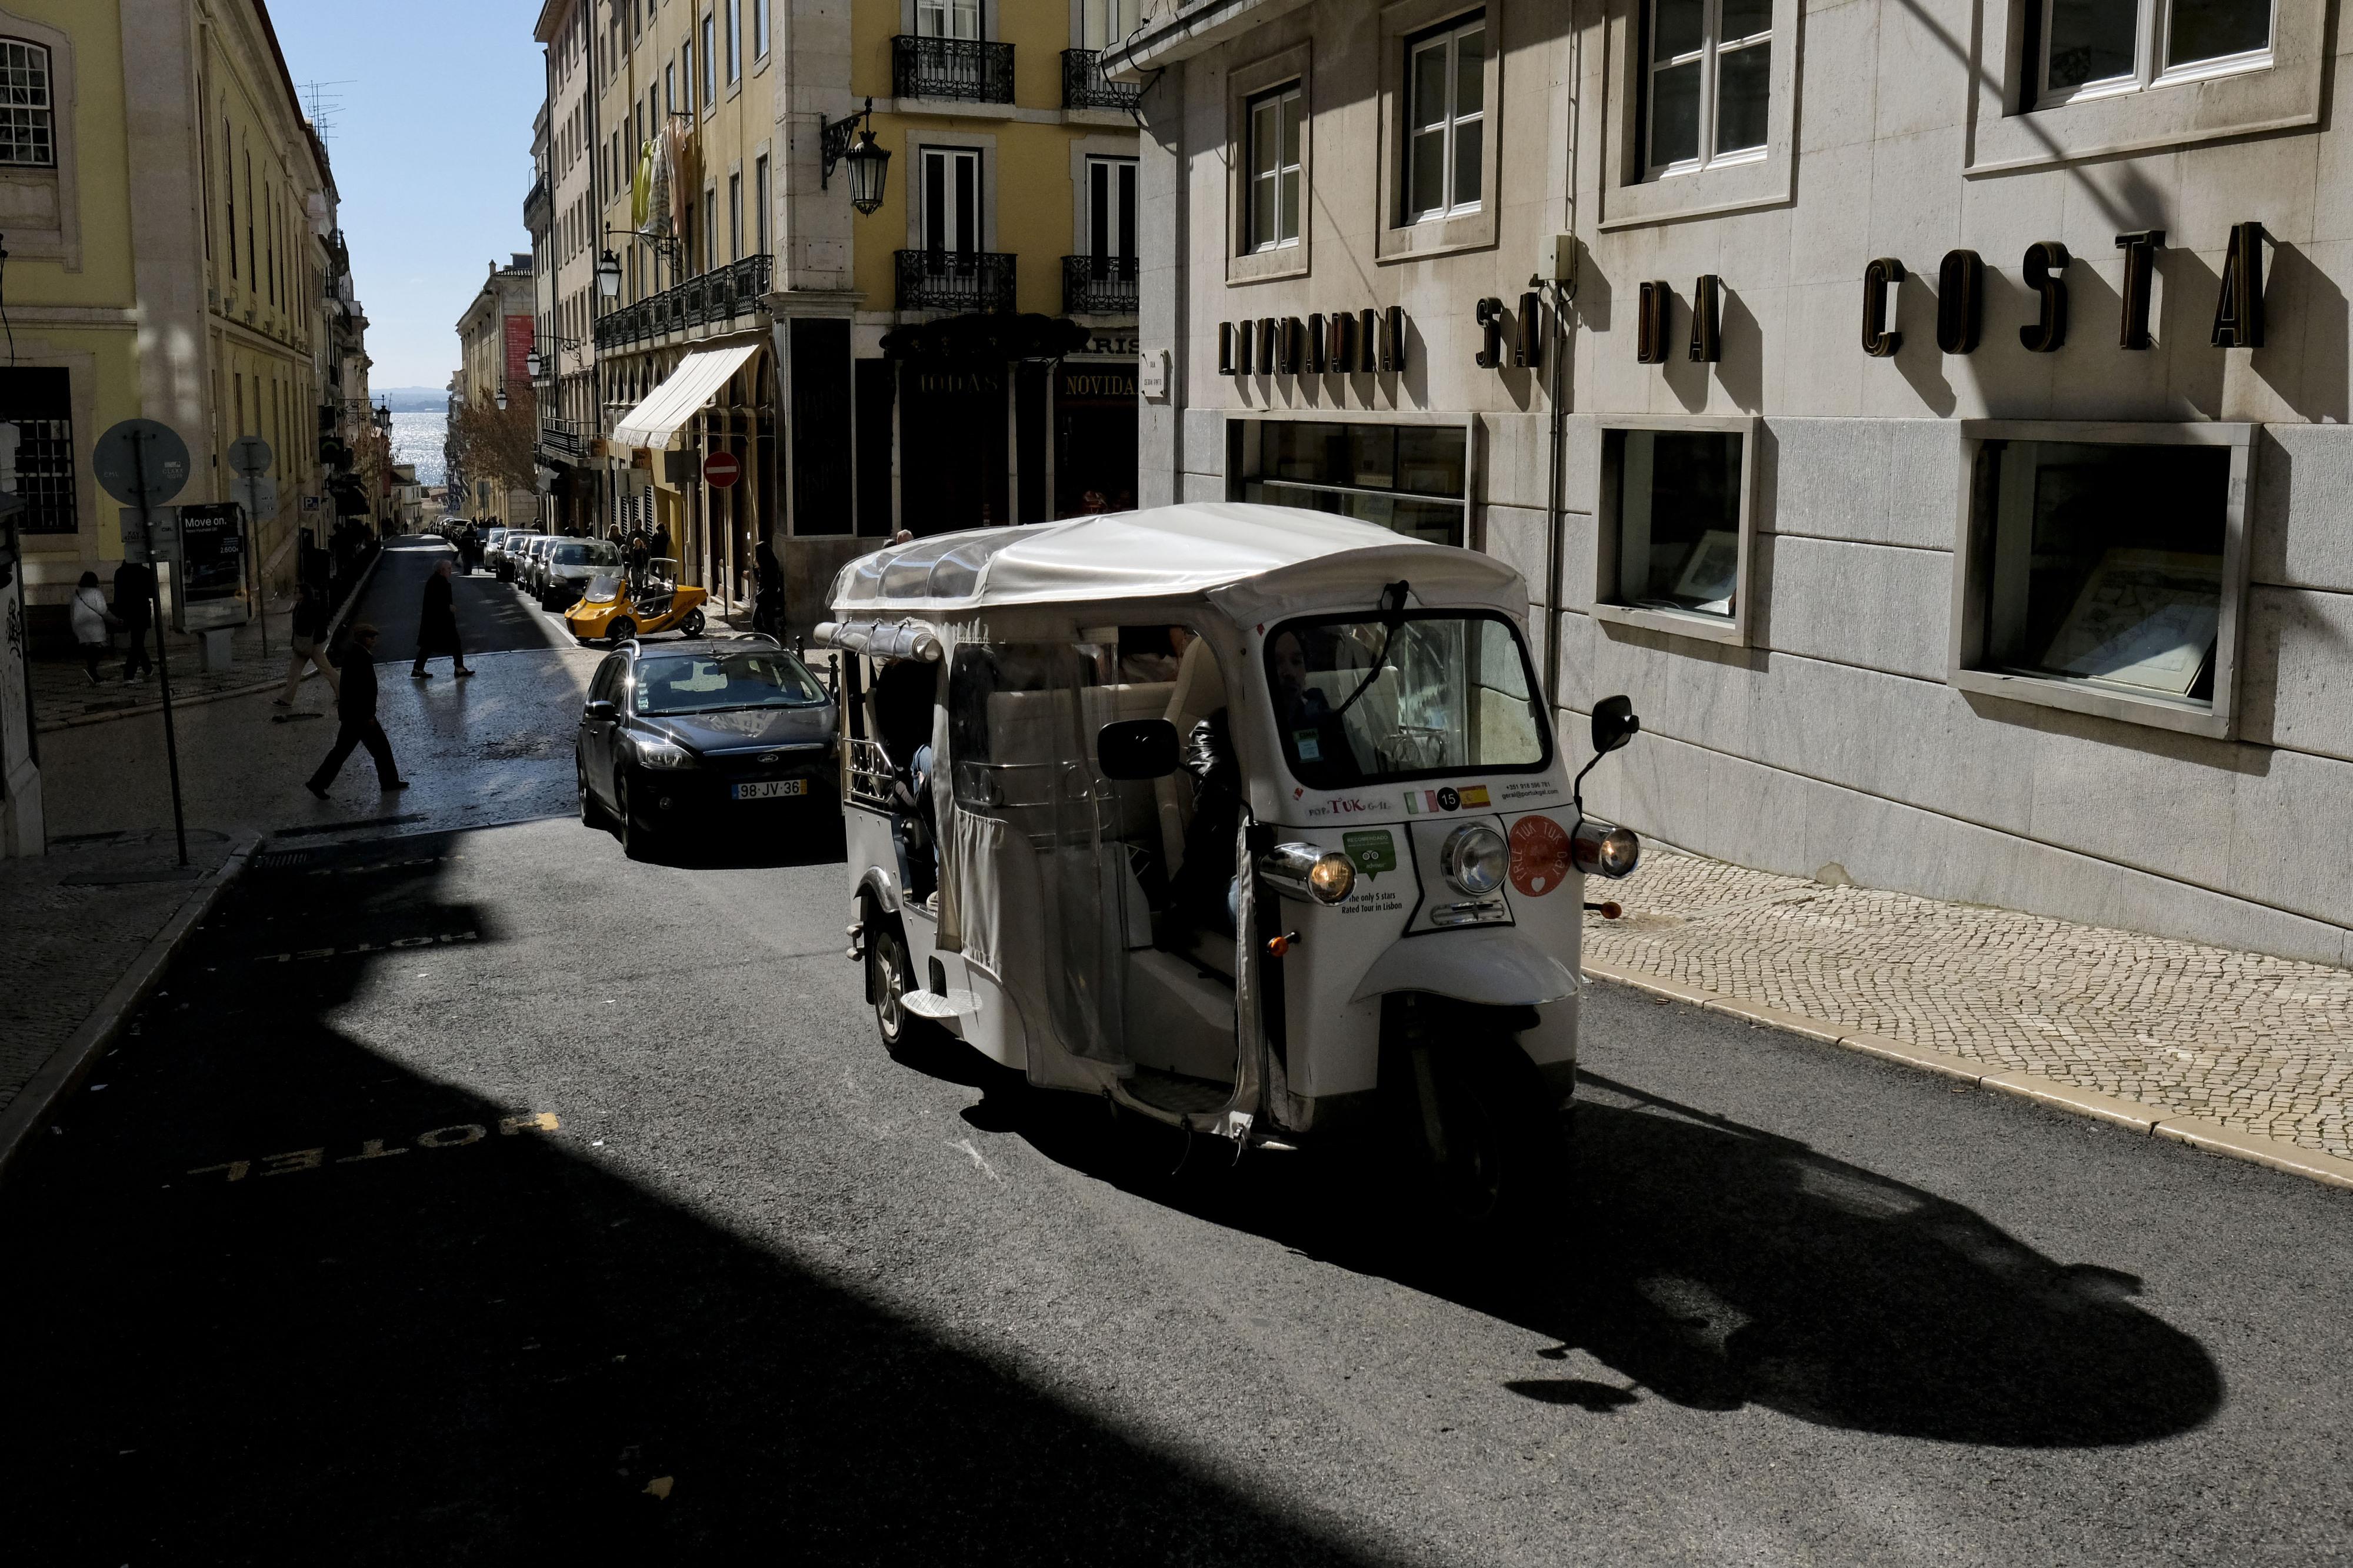 APECATE estima que 50% dos 'tuk-tuk' que circulam em Lisboa já são elétricos